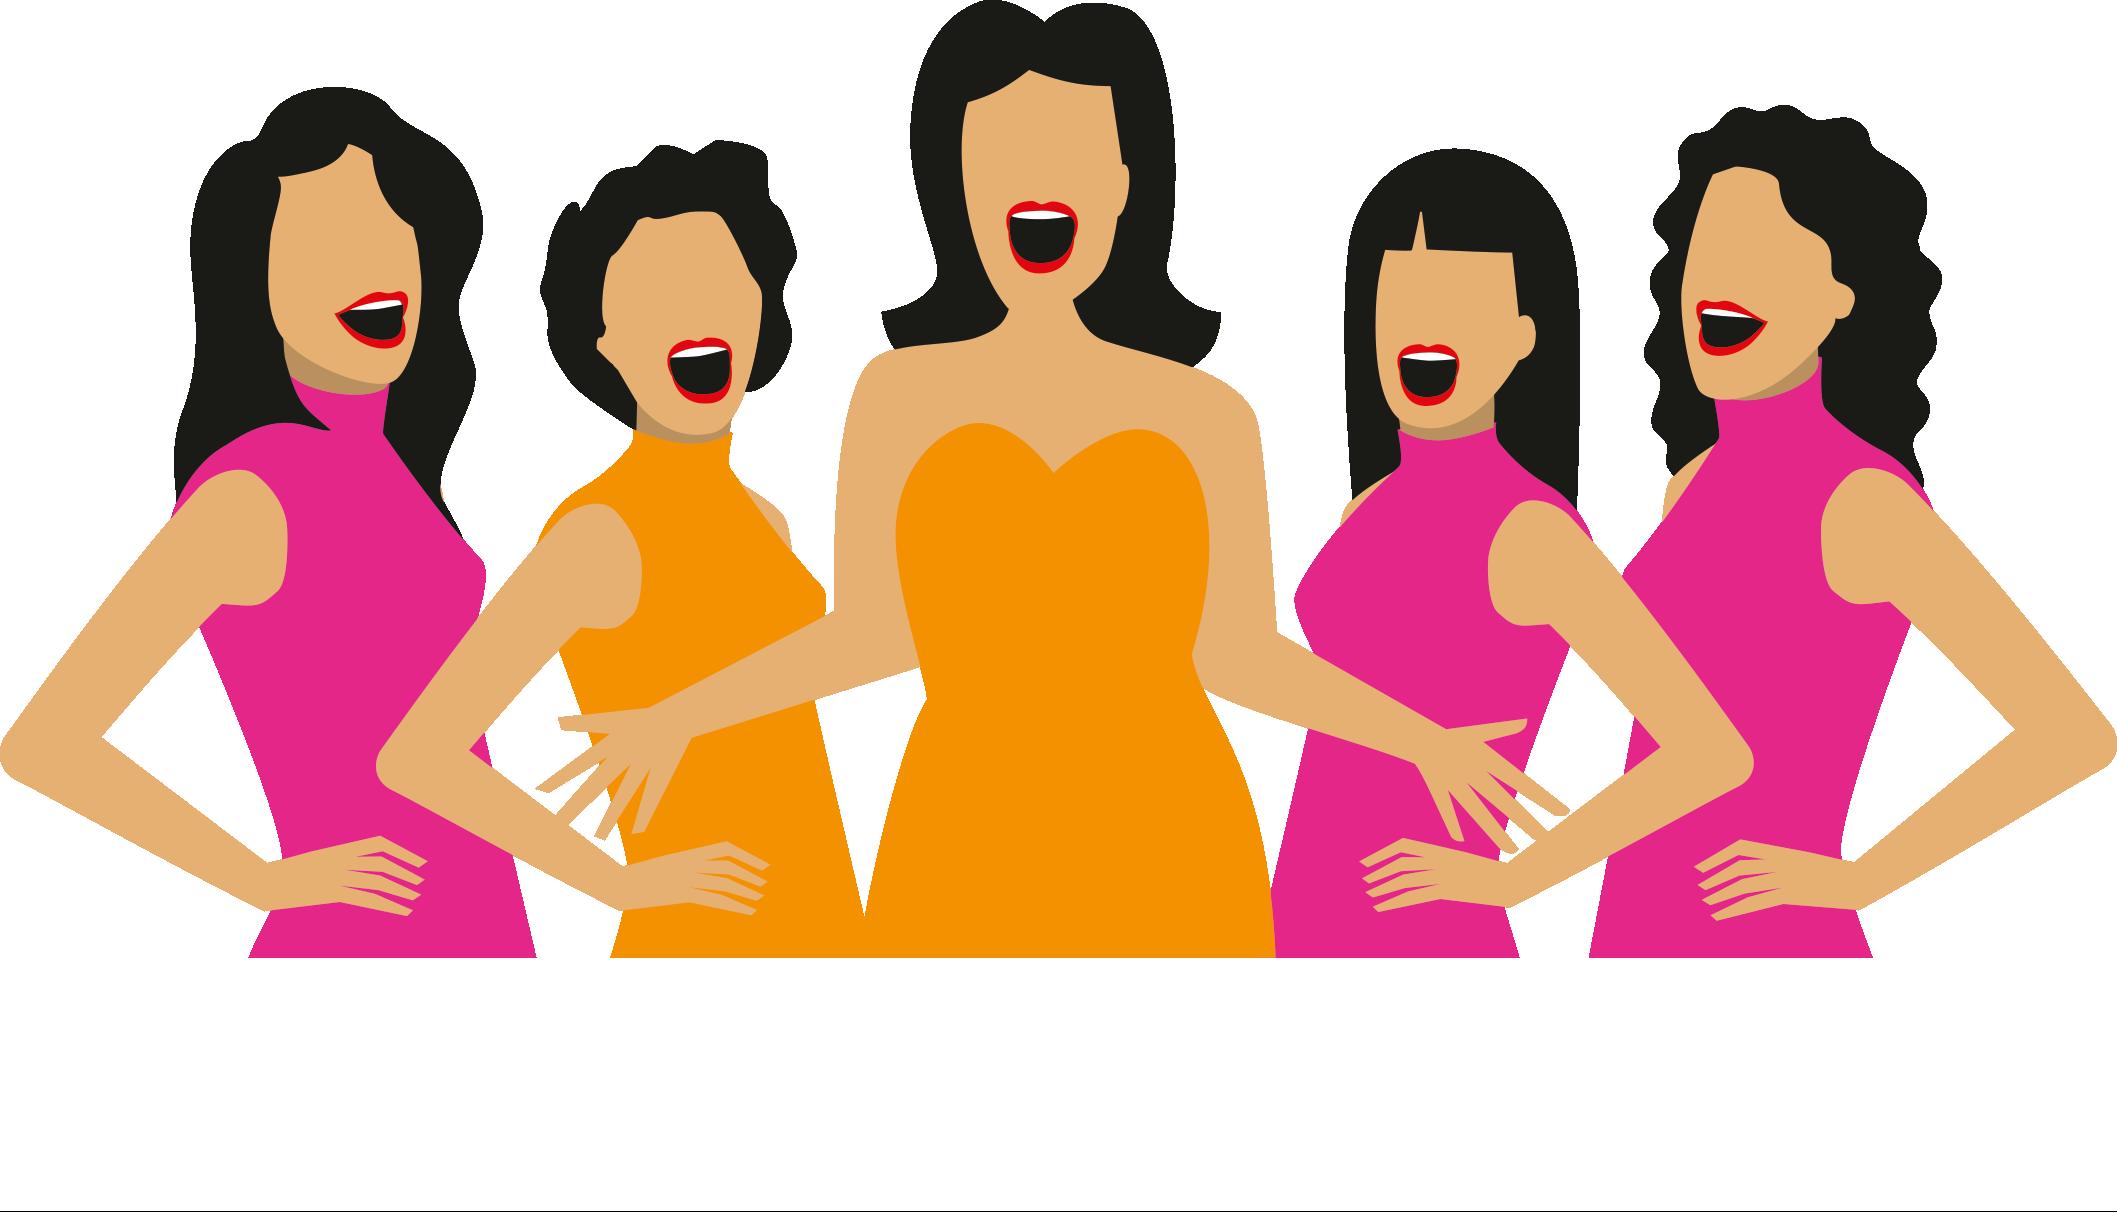 FrauenChorFrauen